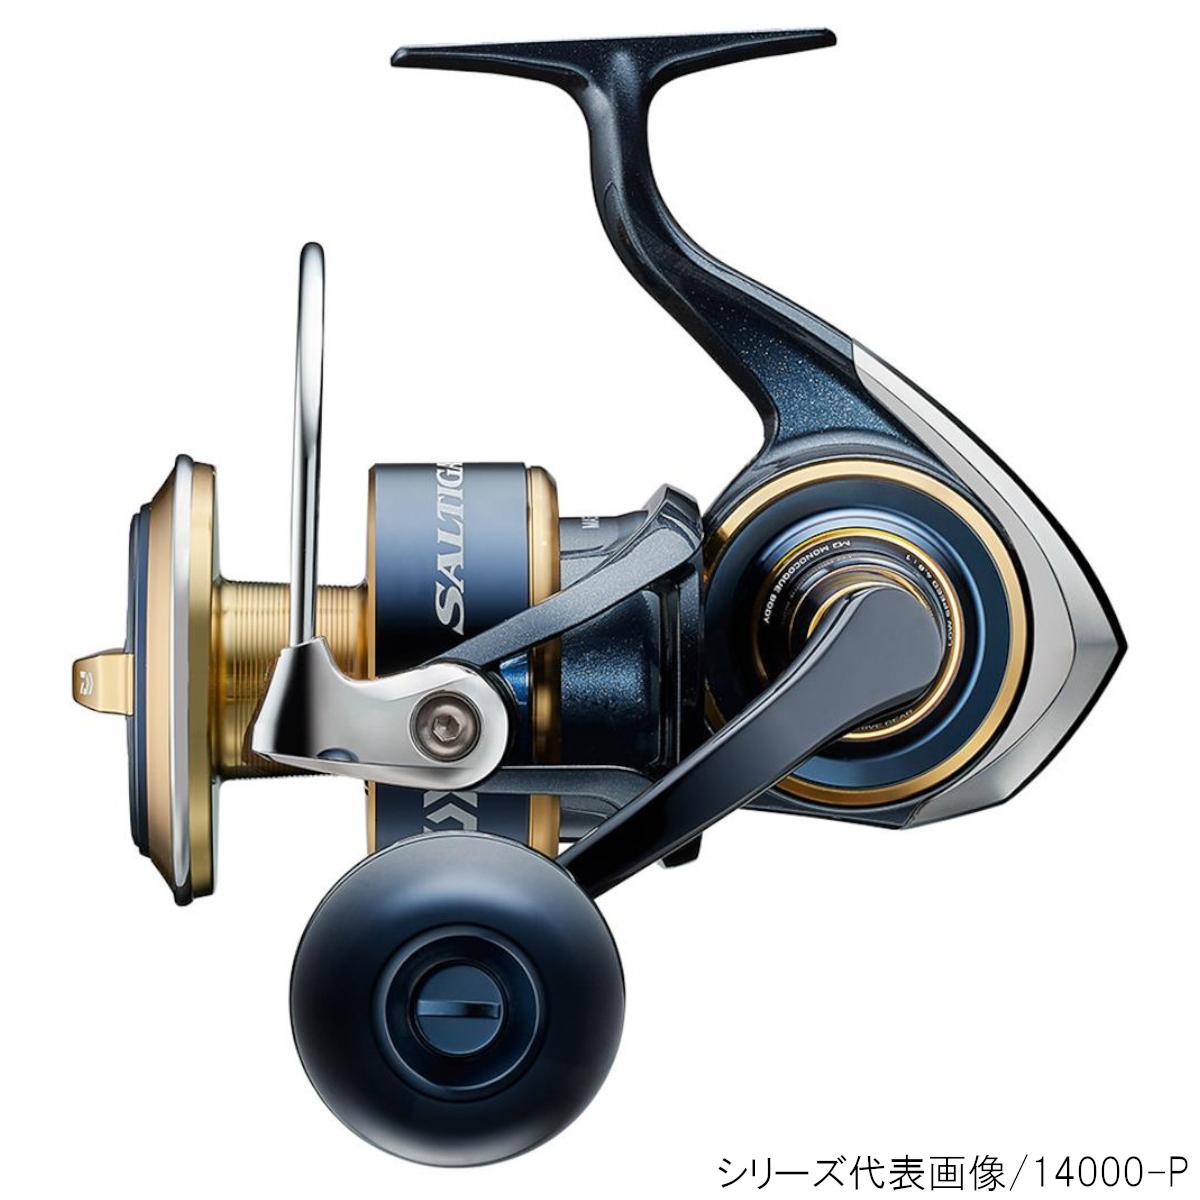 ソルティガ 10000-P ダイワ